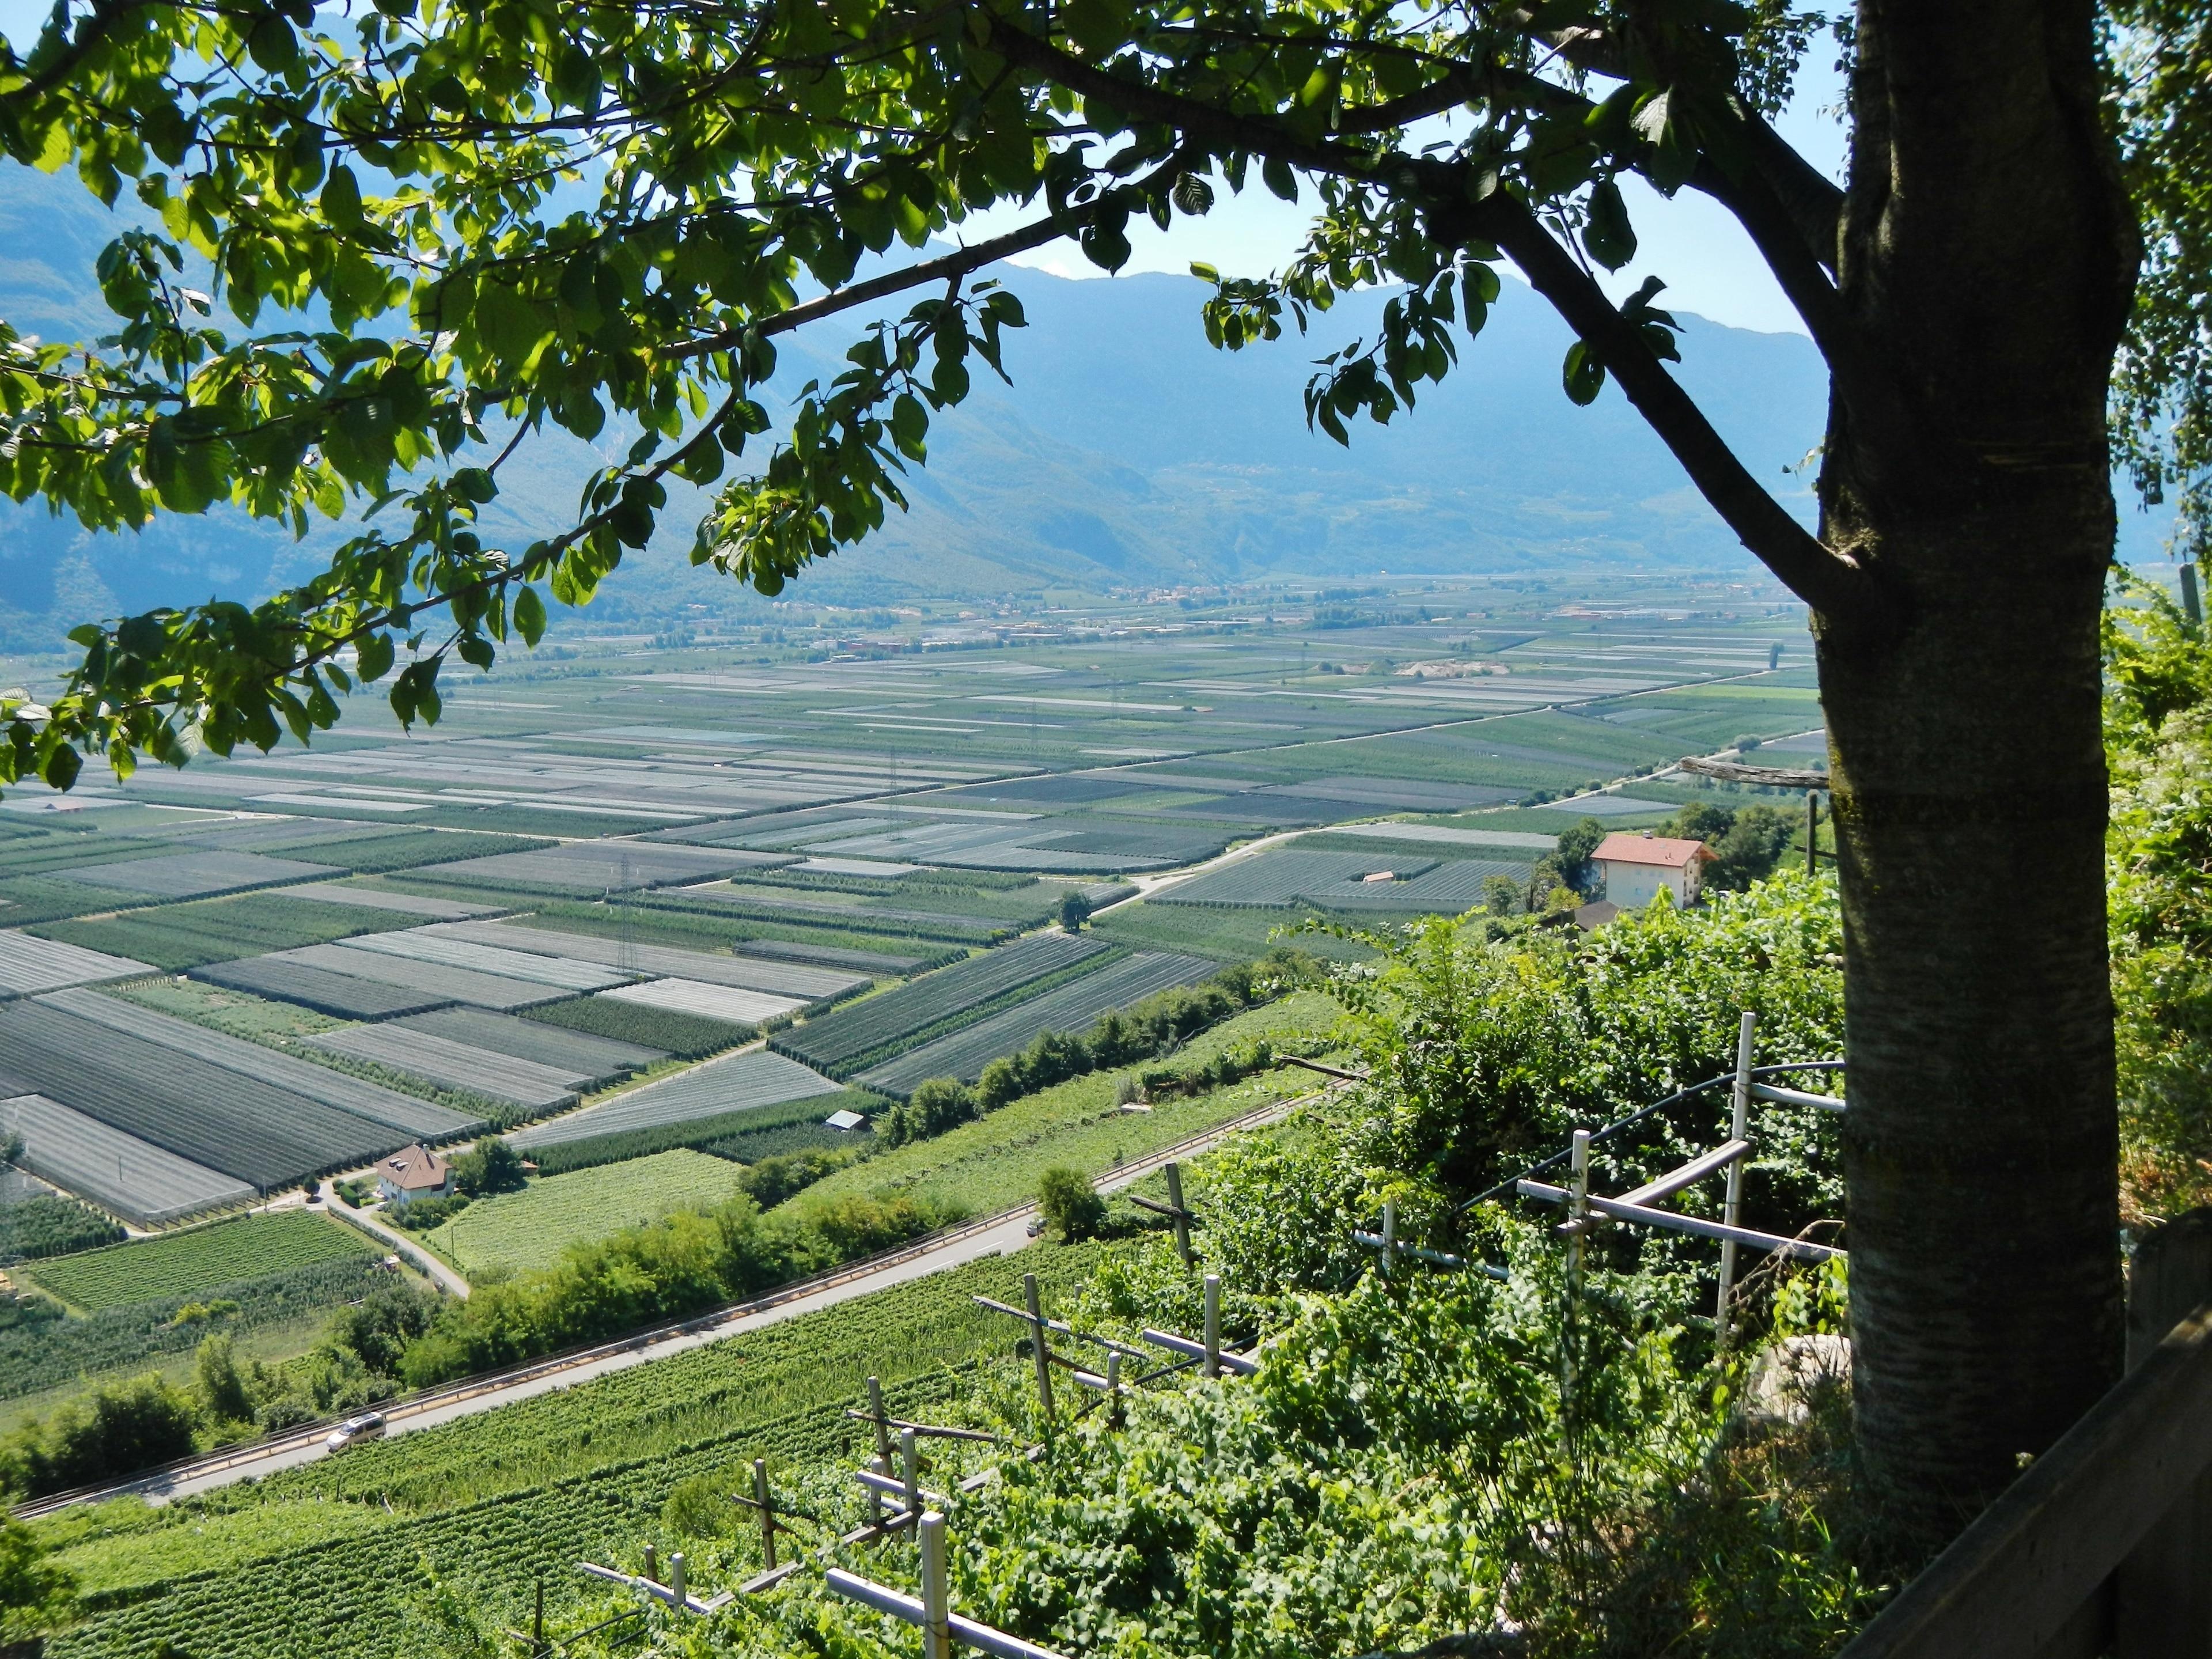 Kurtatsch an der Weinstraße, Trentino-Zuid-Tirol, Italië